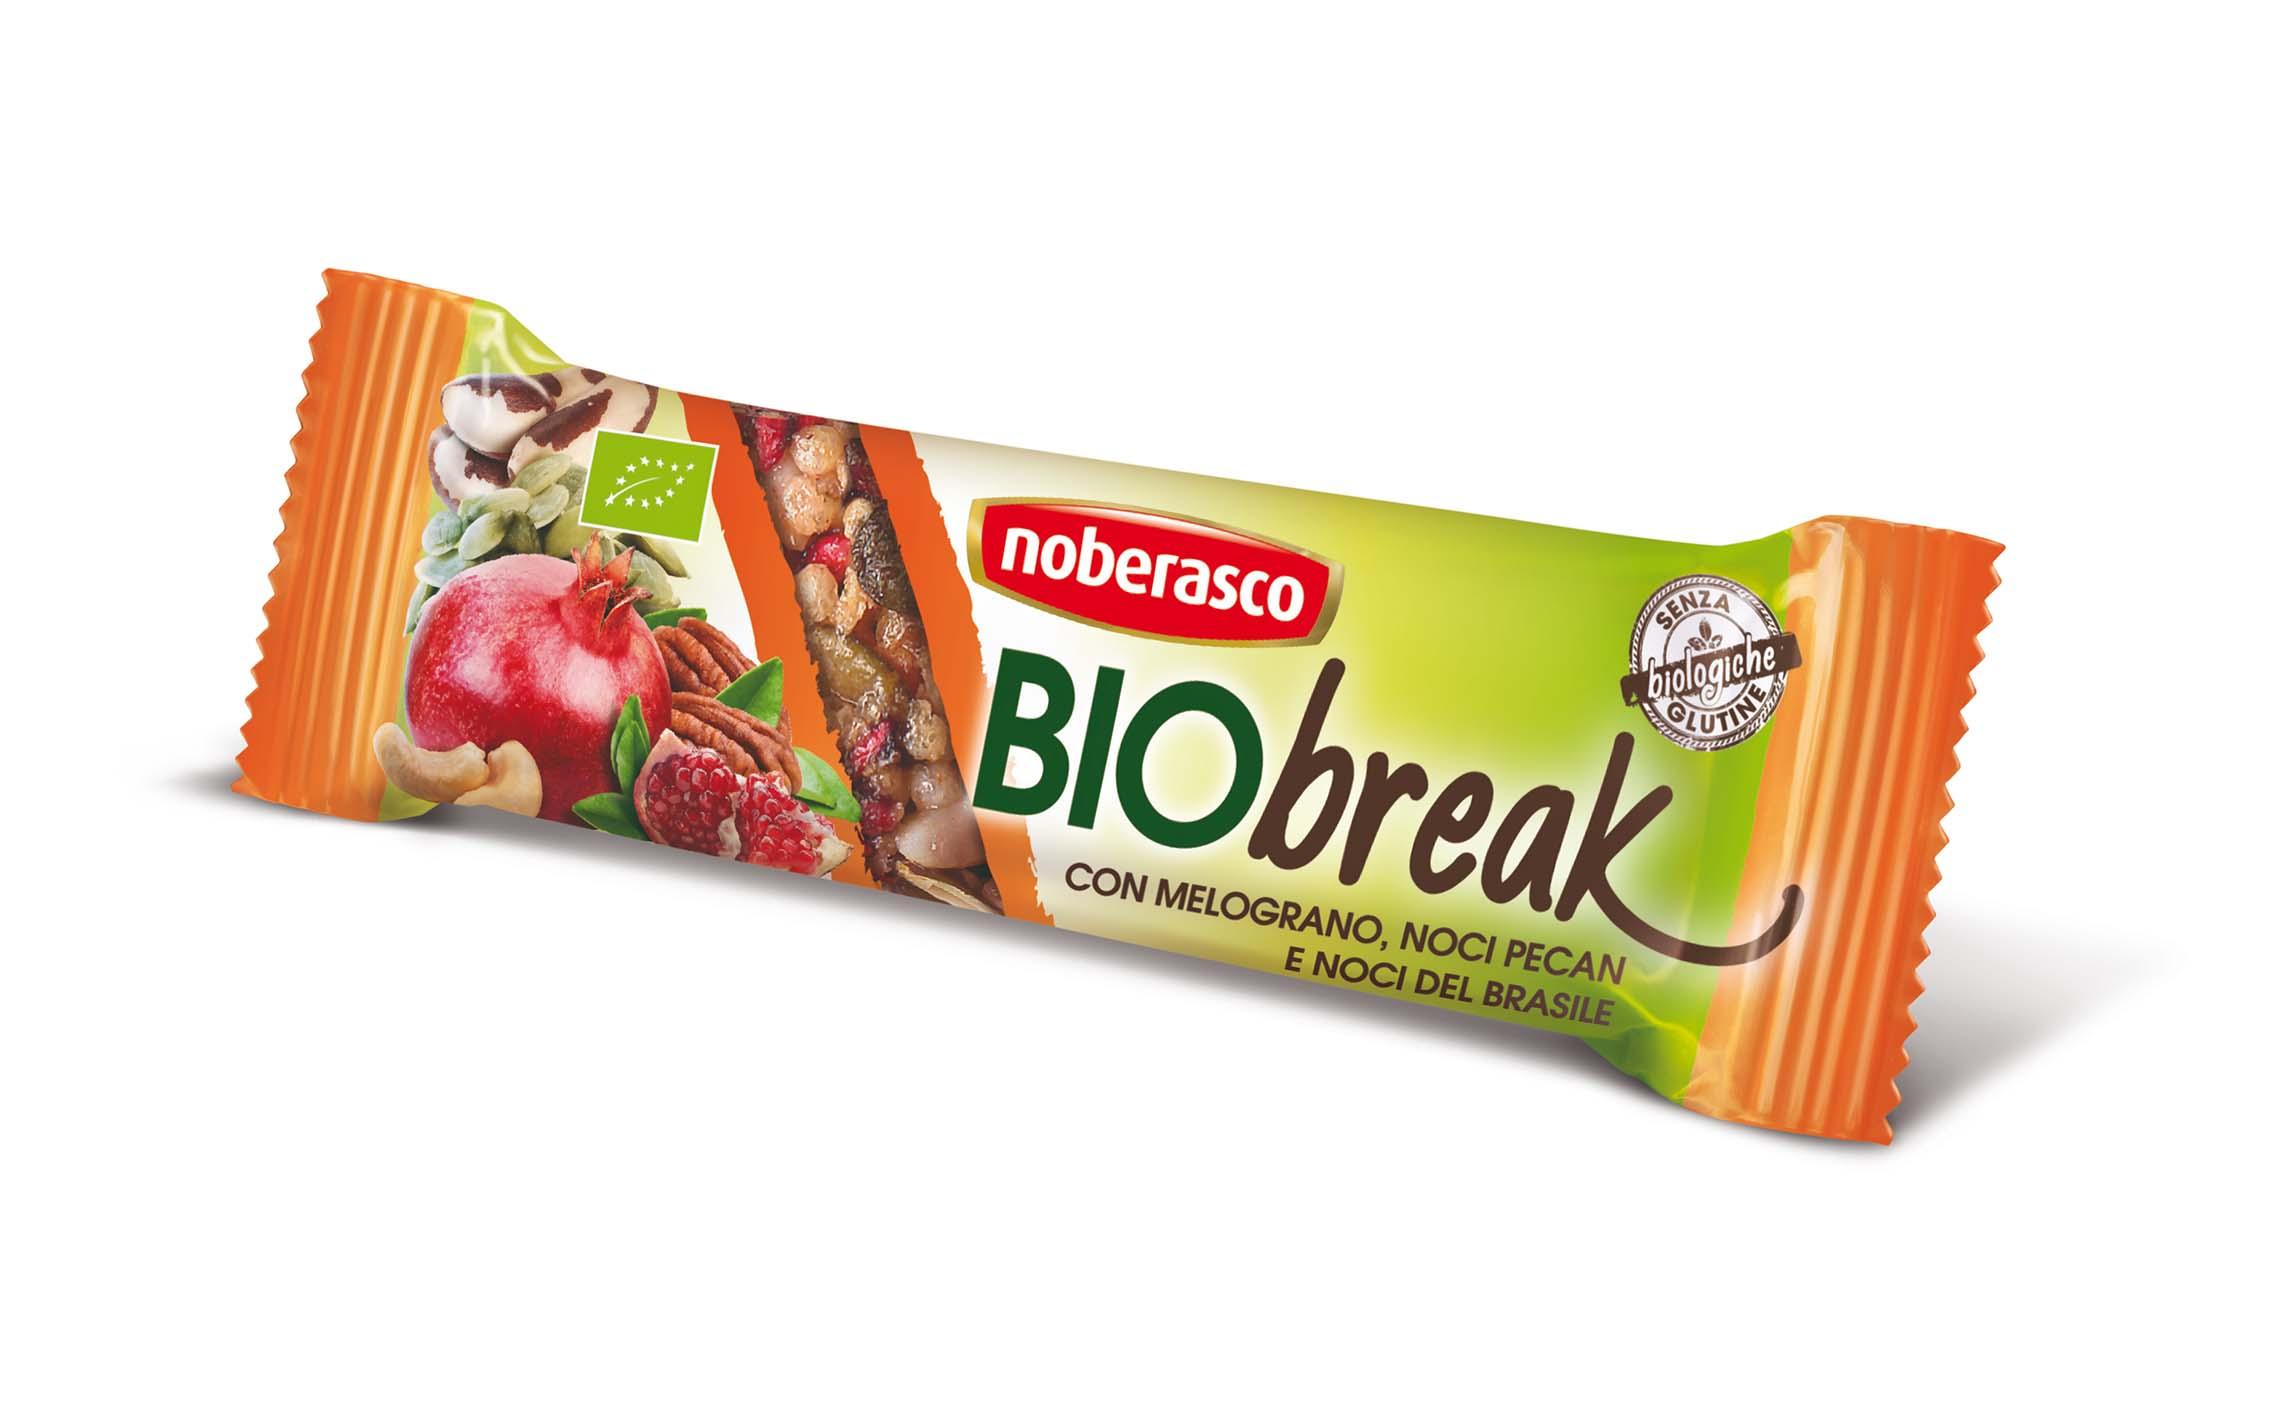 Barrette Bio Break, la grande novità Noberasco